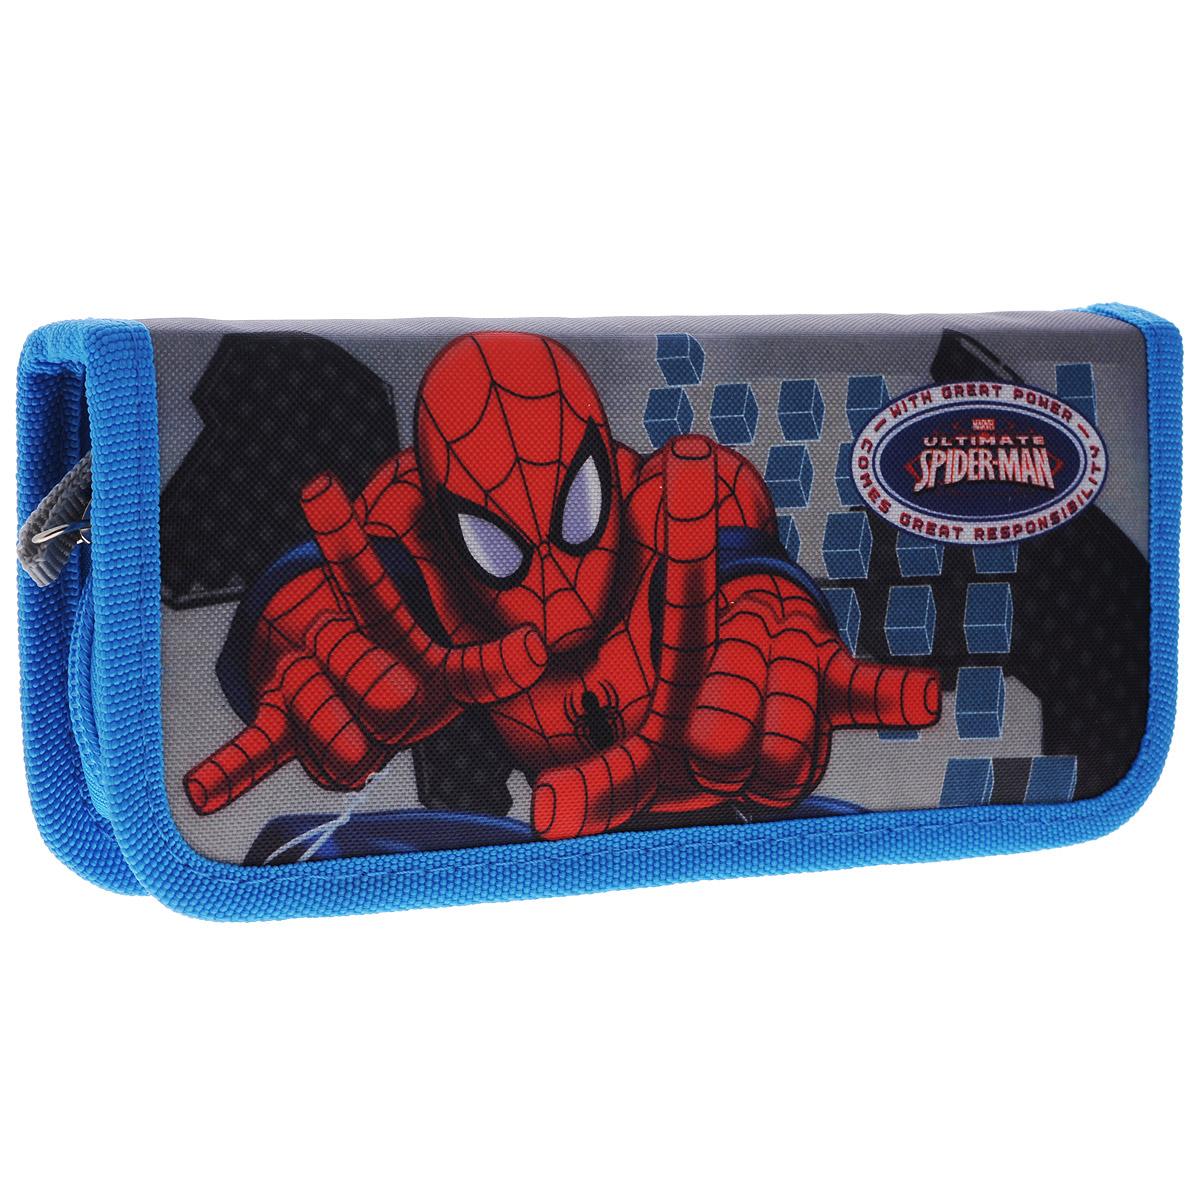 Пенал Marvel Spider-Man, без наполнения, цвет: синий. SMBB-UT2-03372523WDПенал Marvel Spider-Man, без наполнения - удобный жесткий органайзер для школьных иписьменных принадлежностей. Такой пенал станет не только практичным, но и стильным школьным аксессуаром для любого ребенка.Он состоит из одного отделения с 11 фиксаторами, в котором без труда поместятся все необходимые канцелярские принадлежности. Пенал закрывается на застежку-молнию и оформлен изображением Человека-паука, который так нравится мальчикам!Такой пенал станет незаменимым помощником для школьника, с ним ручки и карандаши всегда будут под рукой и больше не потеряются, а изображение любимого героя обязательно поднимет настроение!